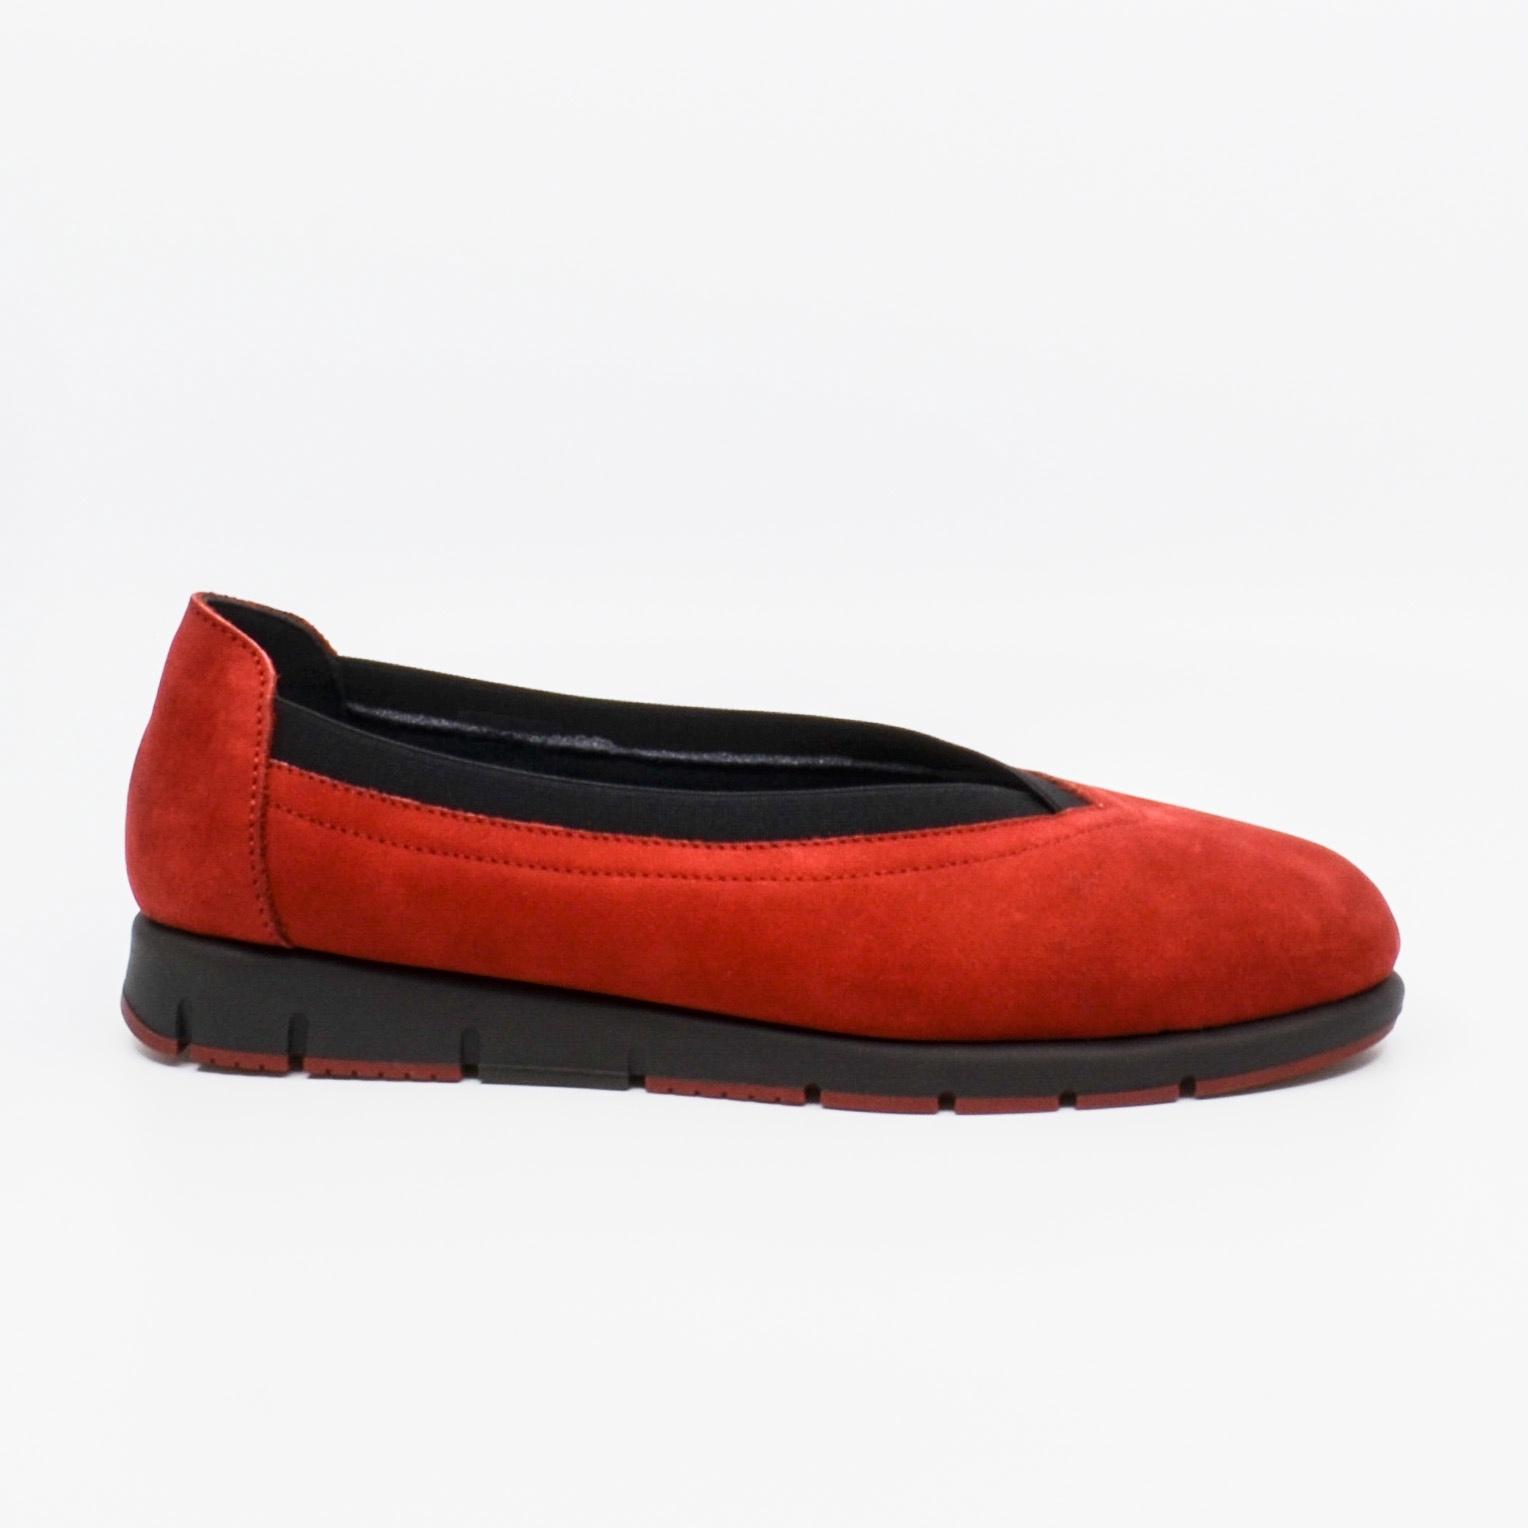 Aerobics Fret red